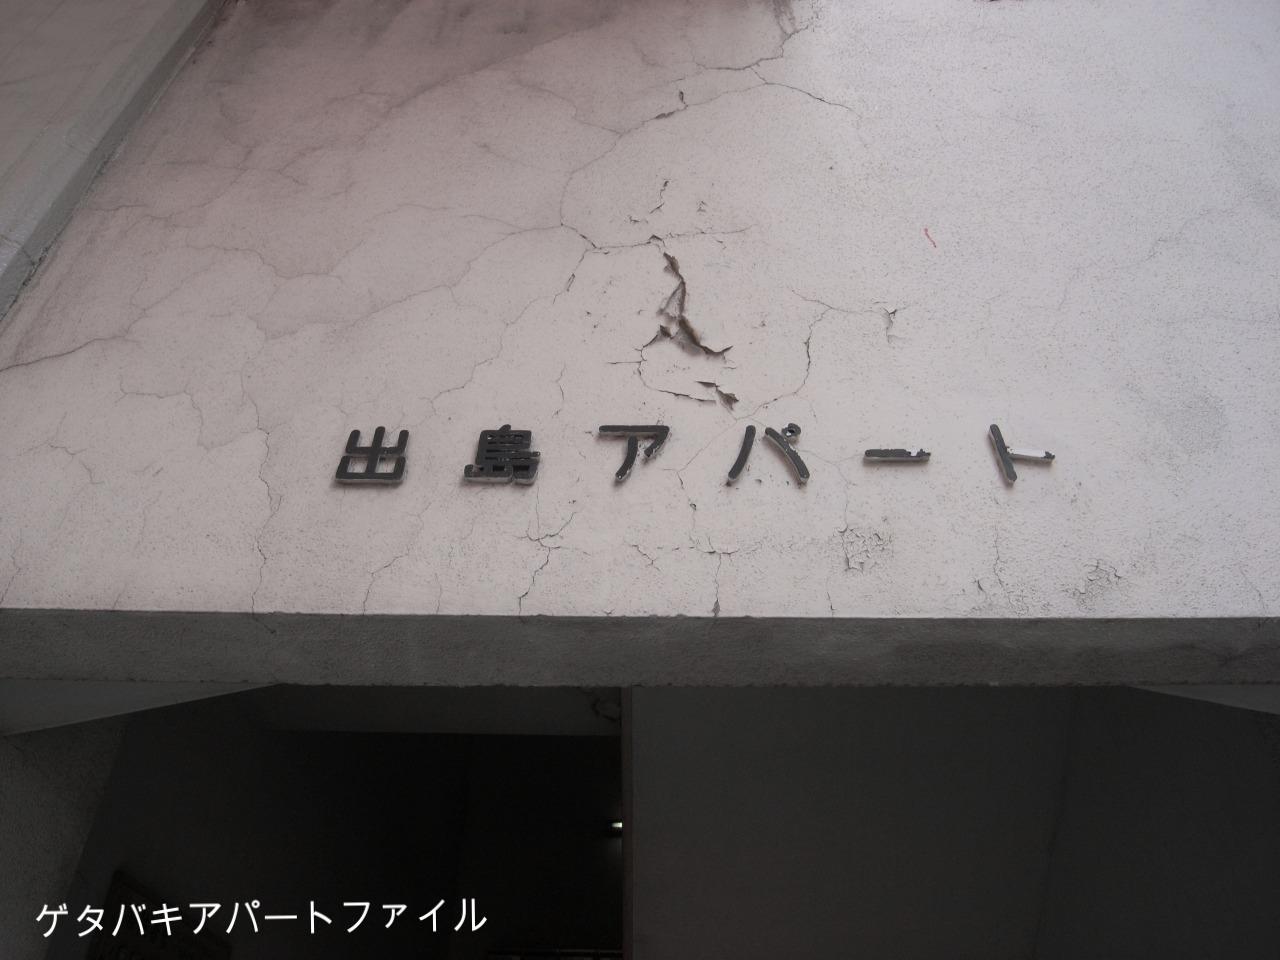 住宅名標記